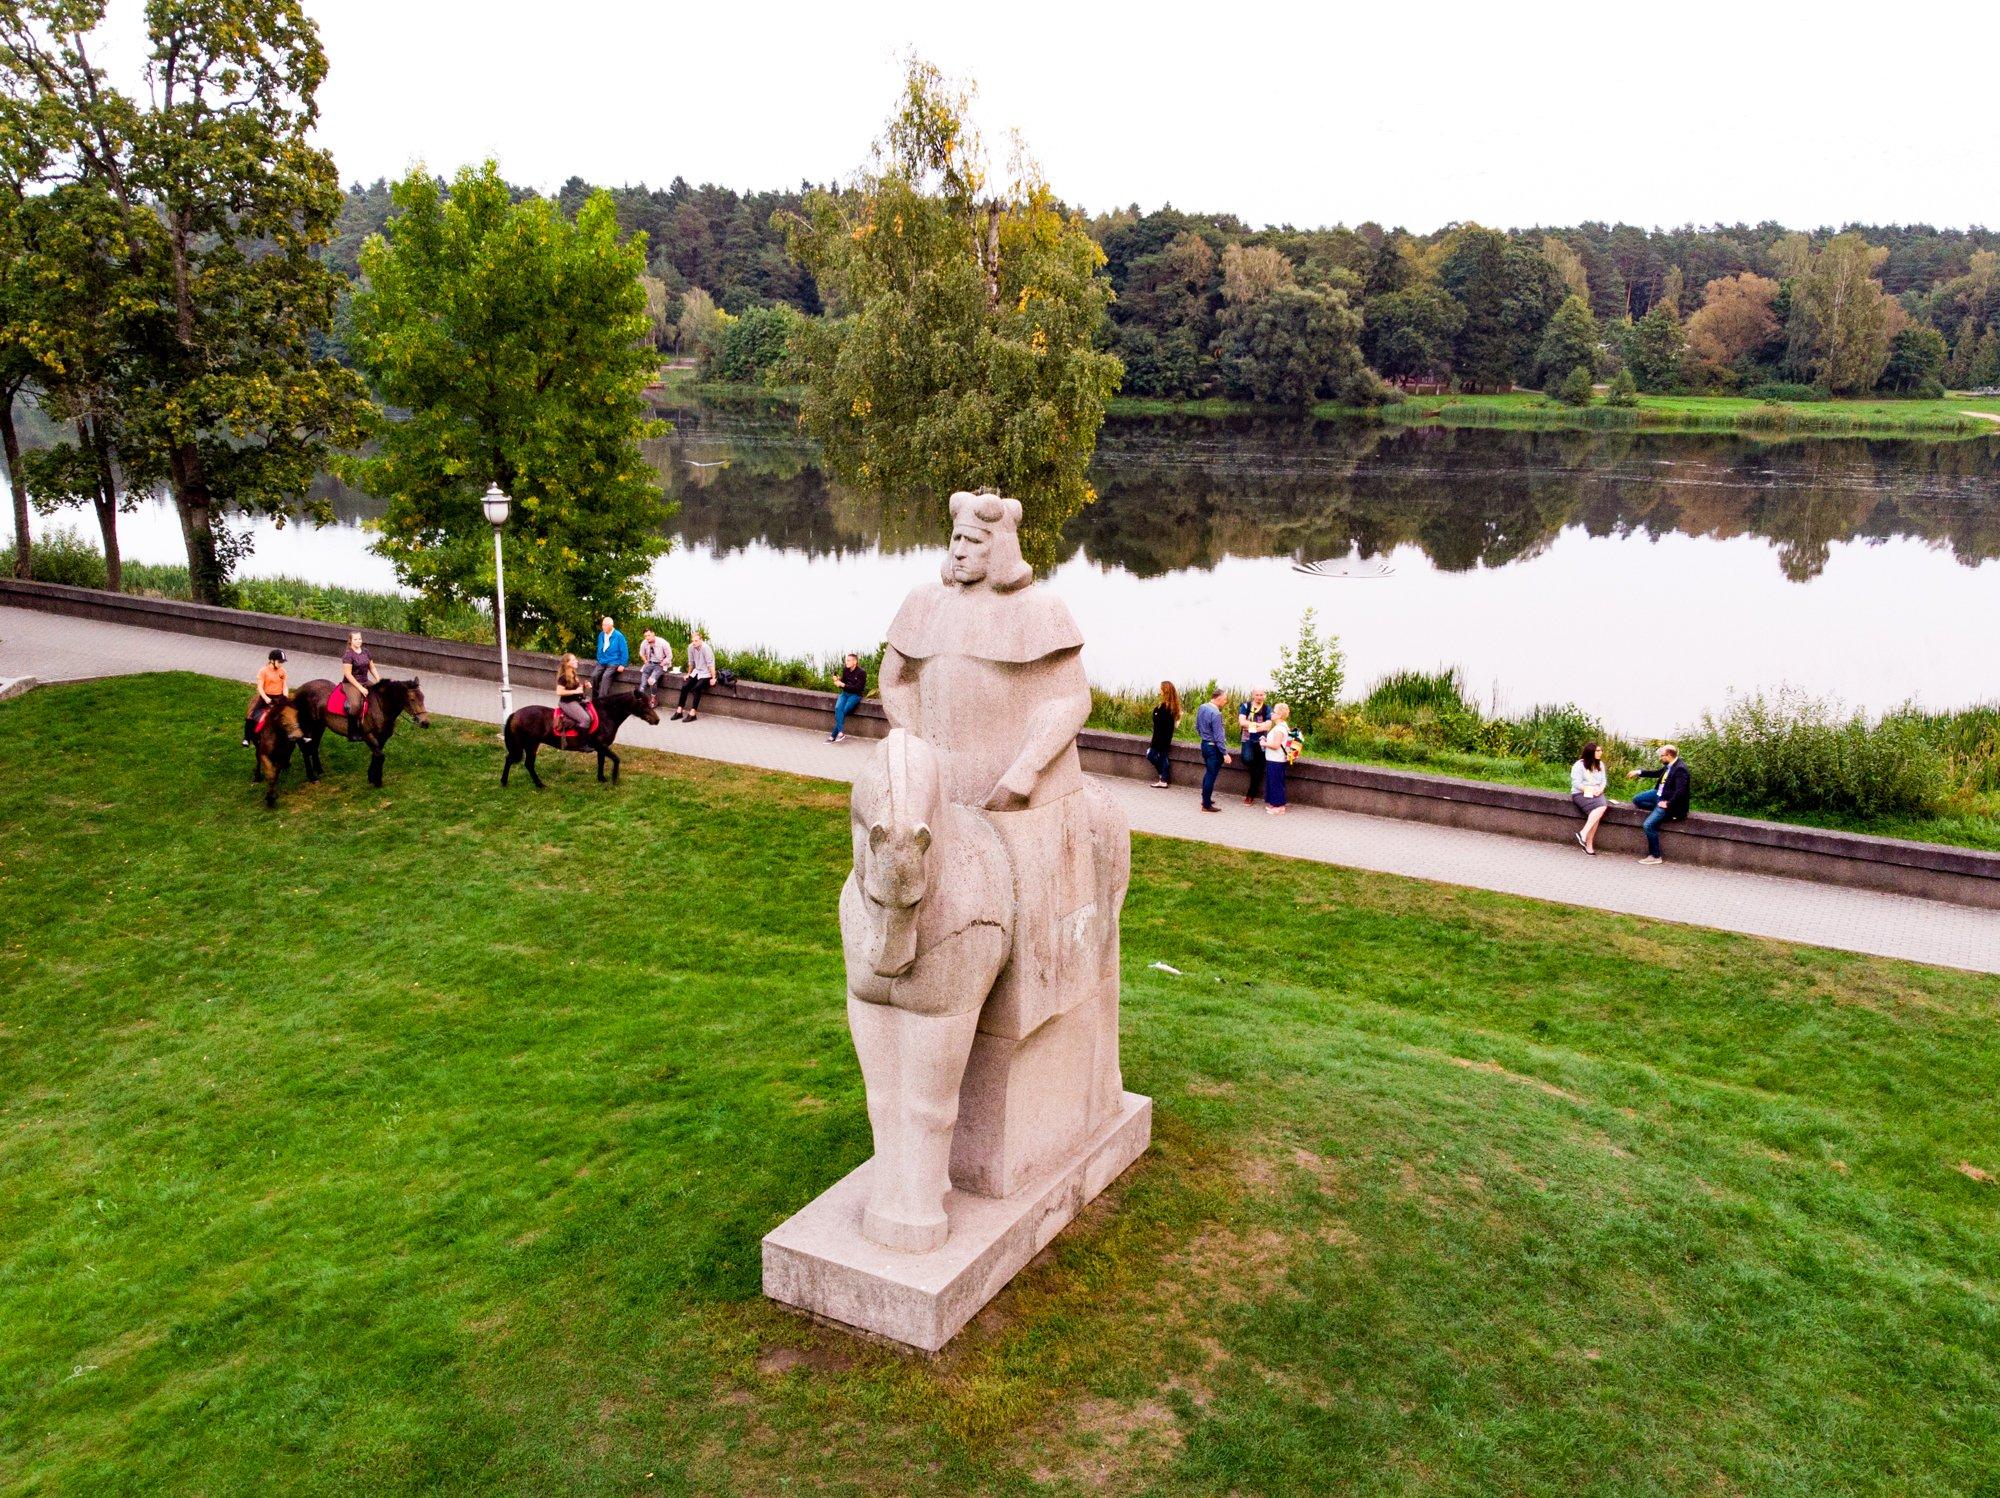 Pasaulinės turizmo dienos proga Birštono gidai susivienija ir kviečia pažinti rudeninį kurortą | Birštono turizmo informacijos centro nuotr.